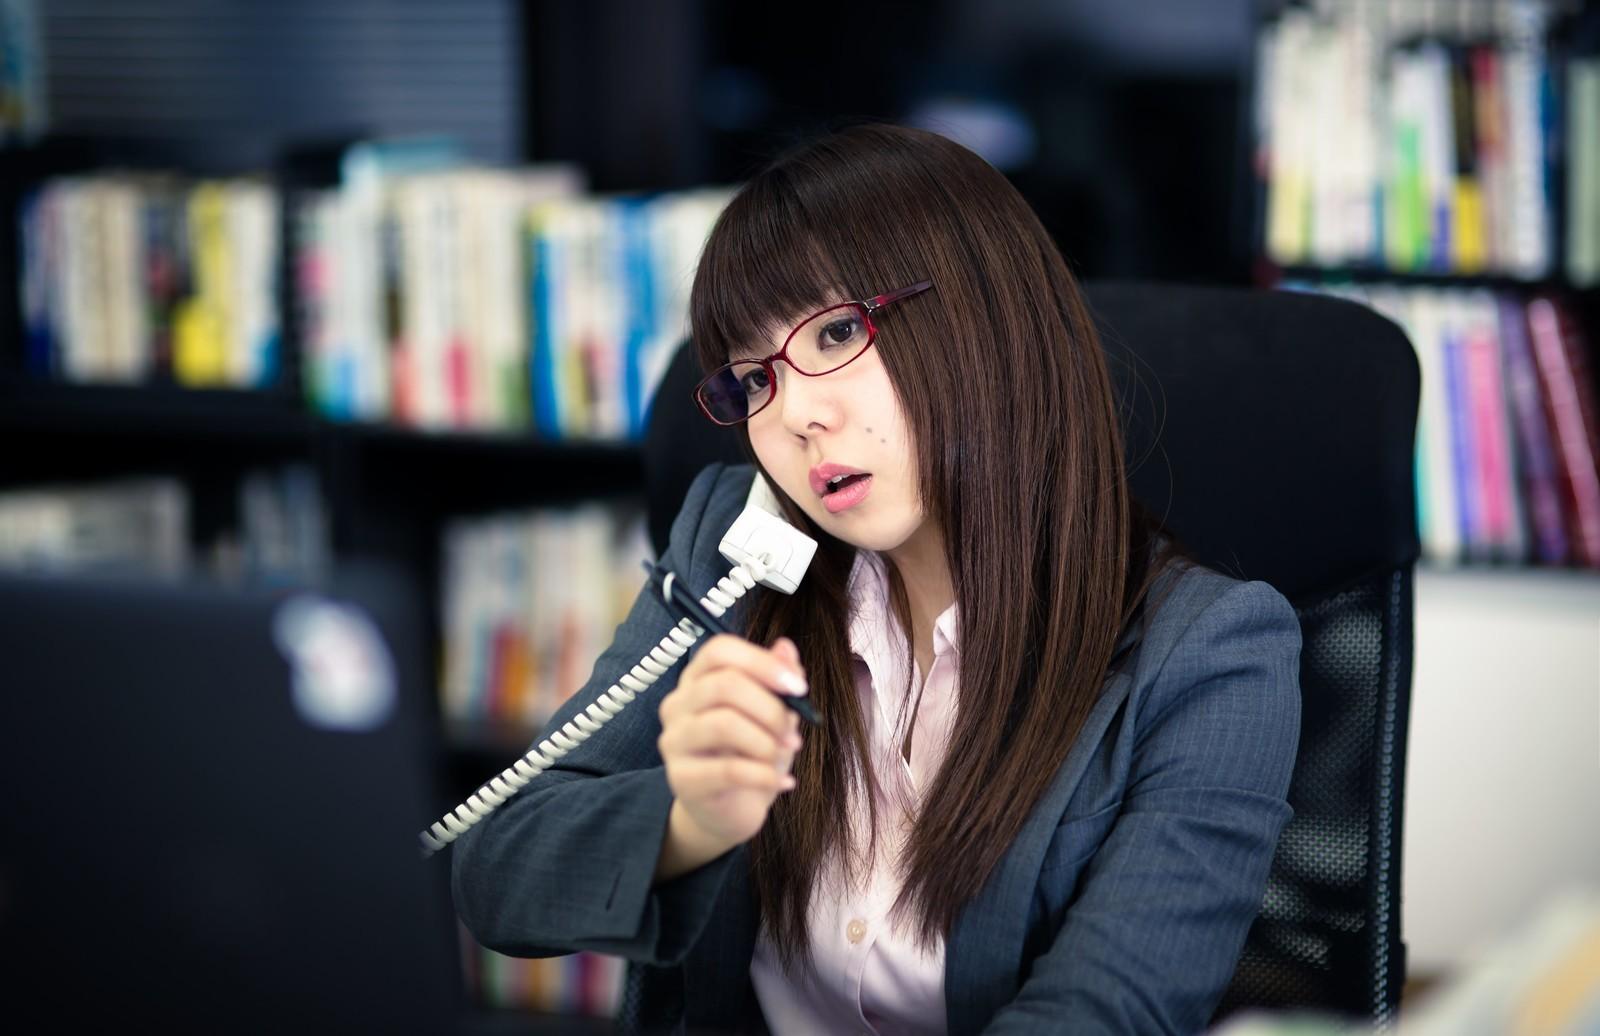 ▲▼工作,上班,打電話,上班族,辦公室,打電話,正妹,眼鏡妹,開會,電話會議,接待,櫃檯小妹(圖/記者莊祐晴攝)